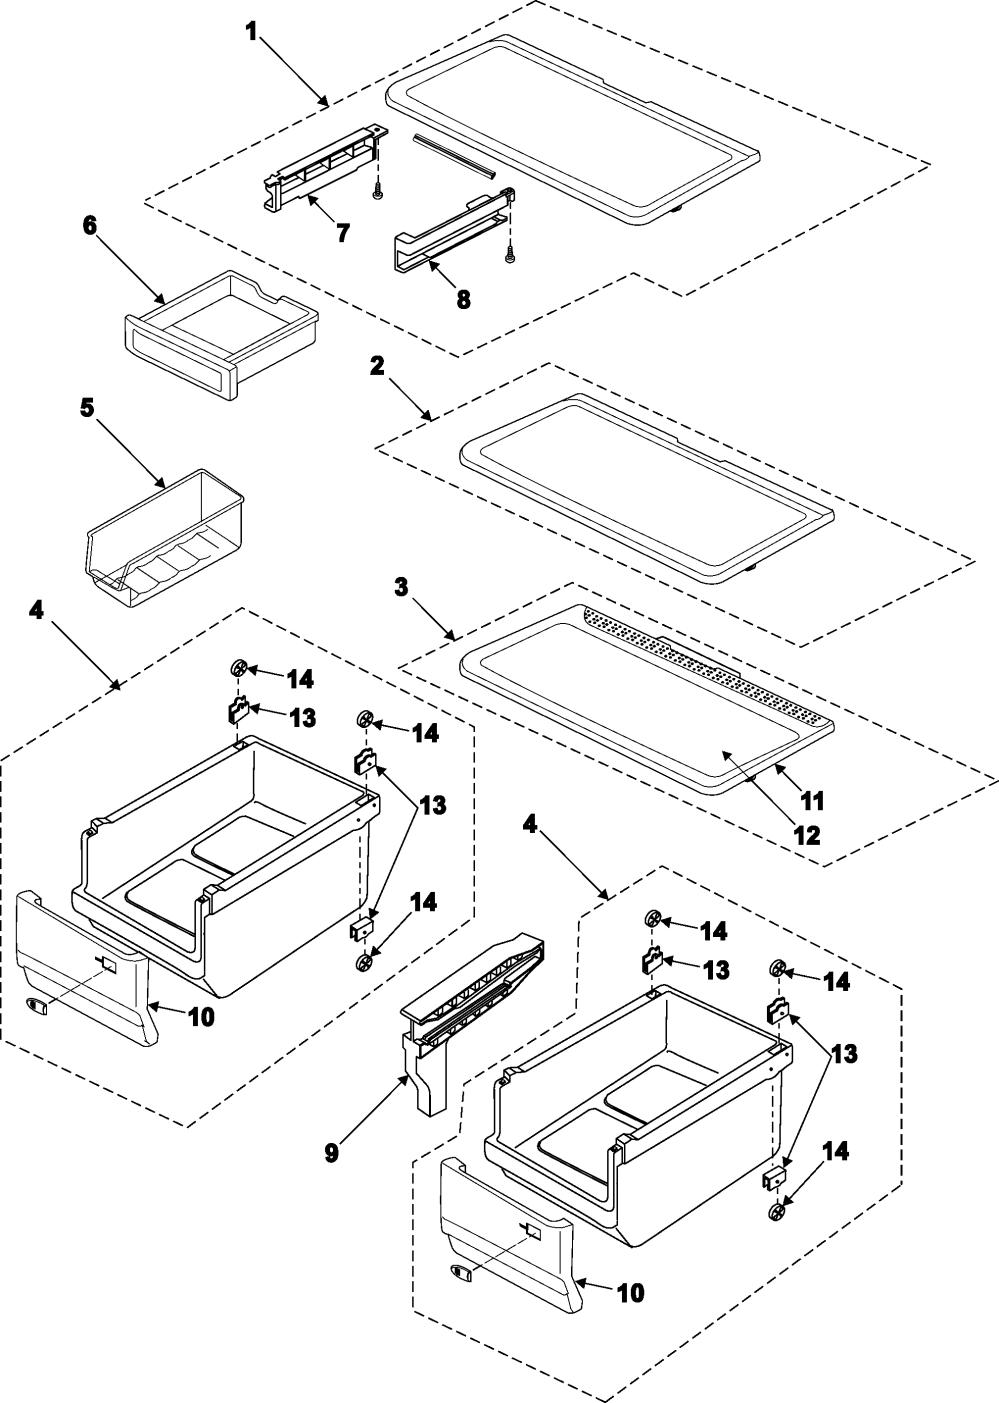 medium resolution of samsung rb195bsbb xaa 00 refrigerator shelves diagram